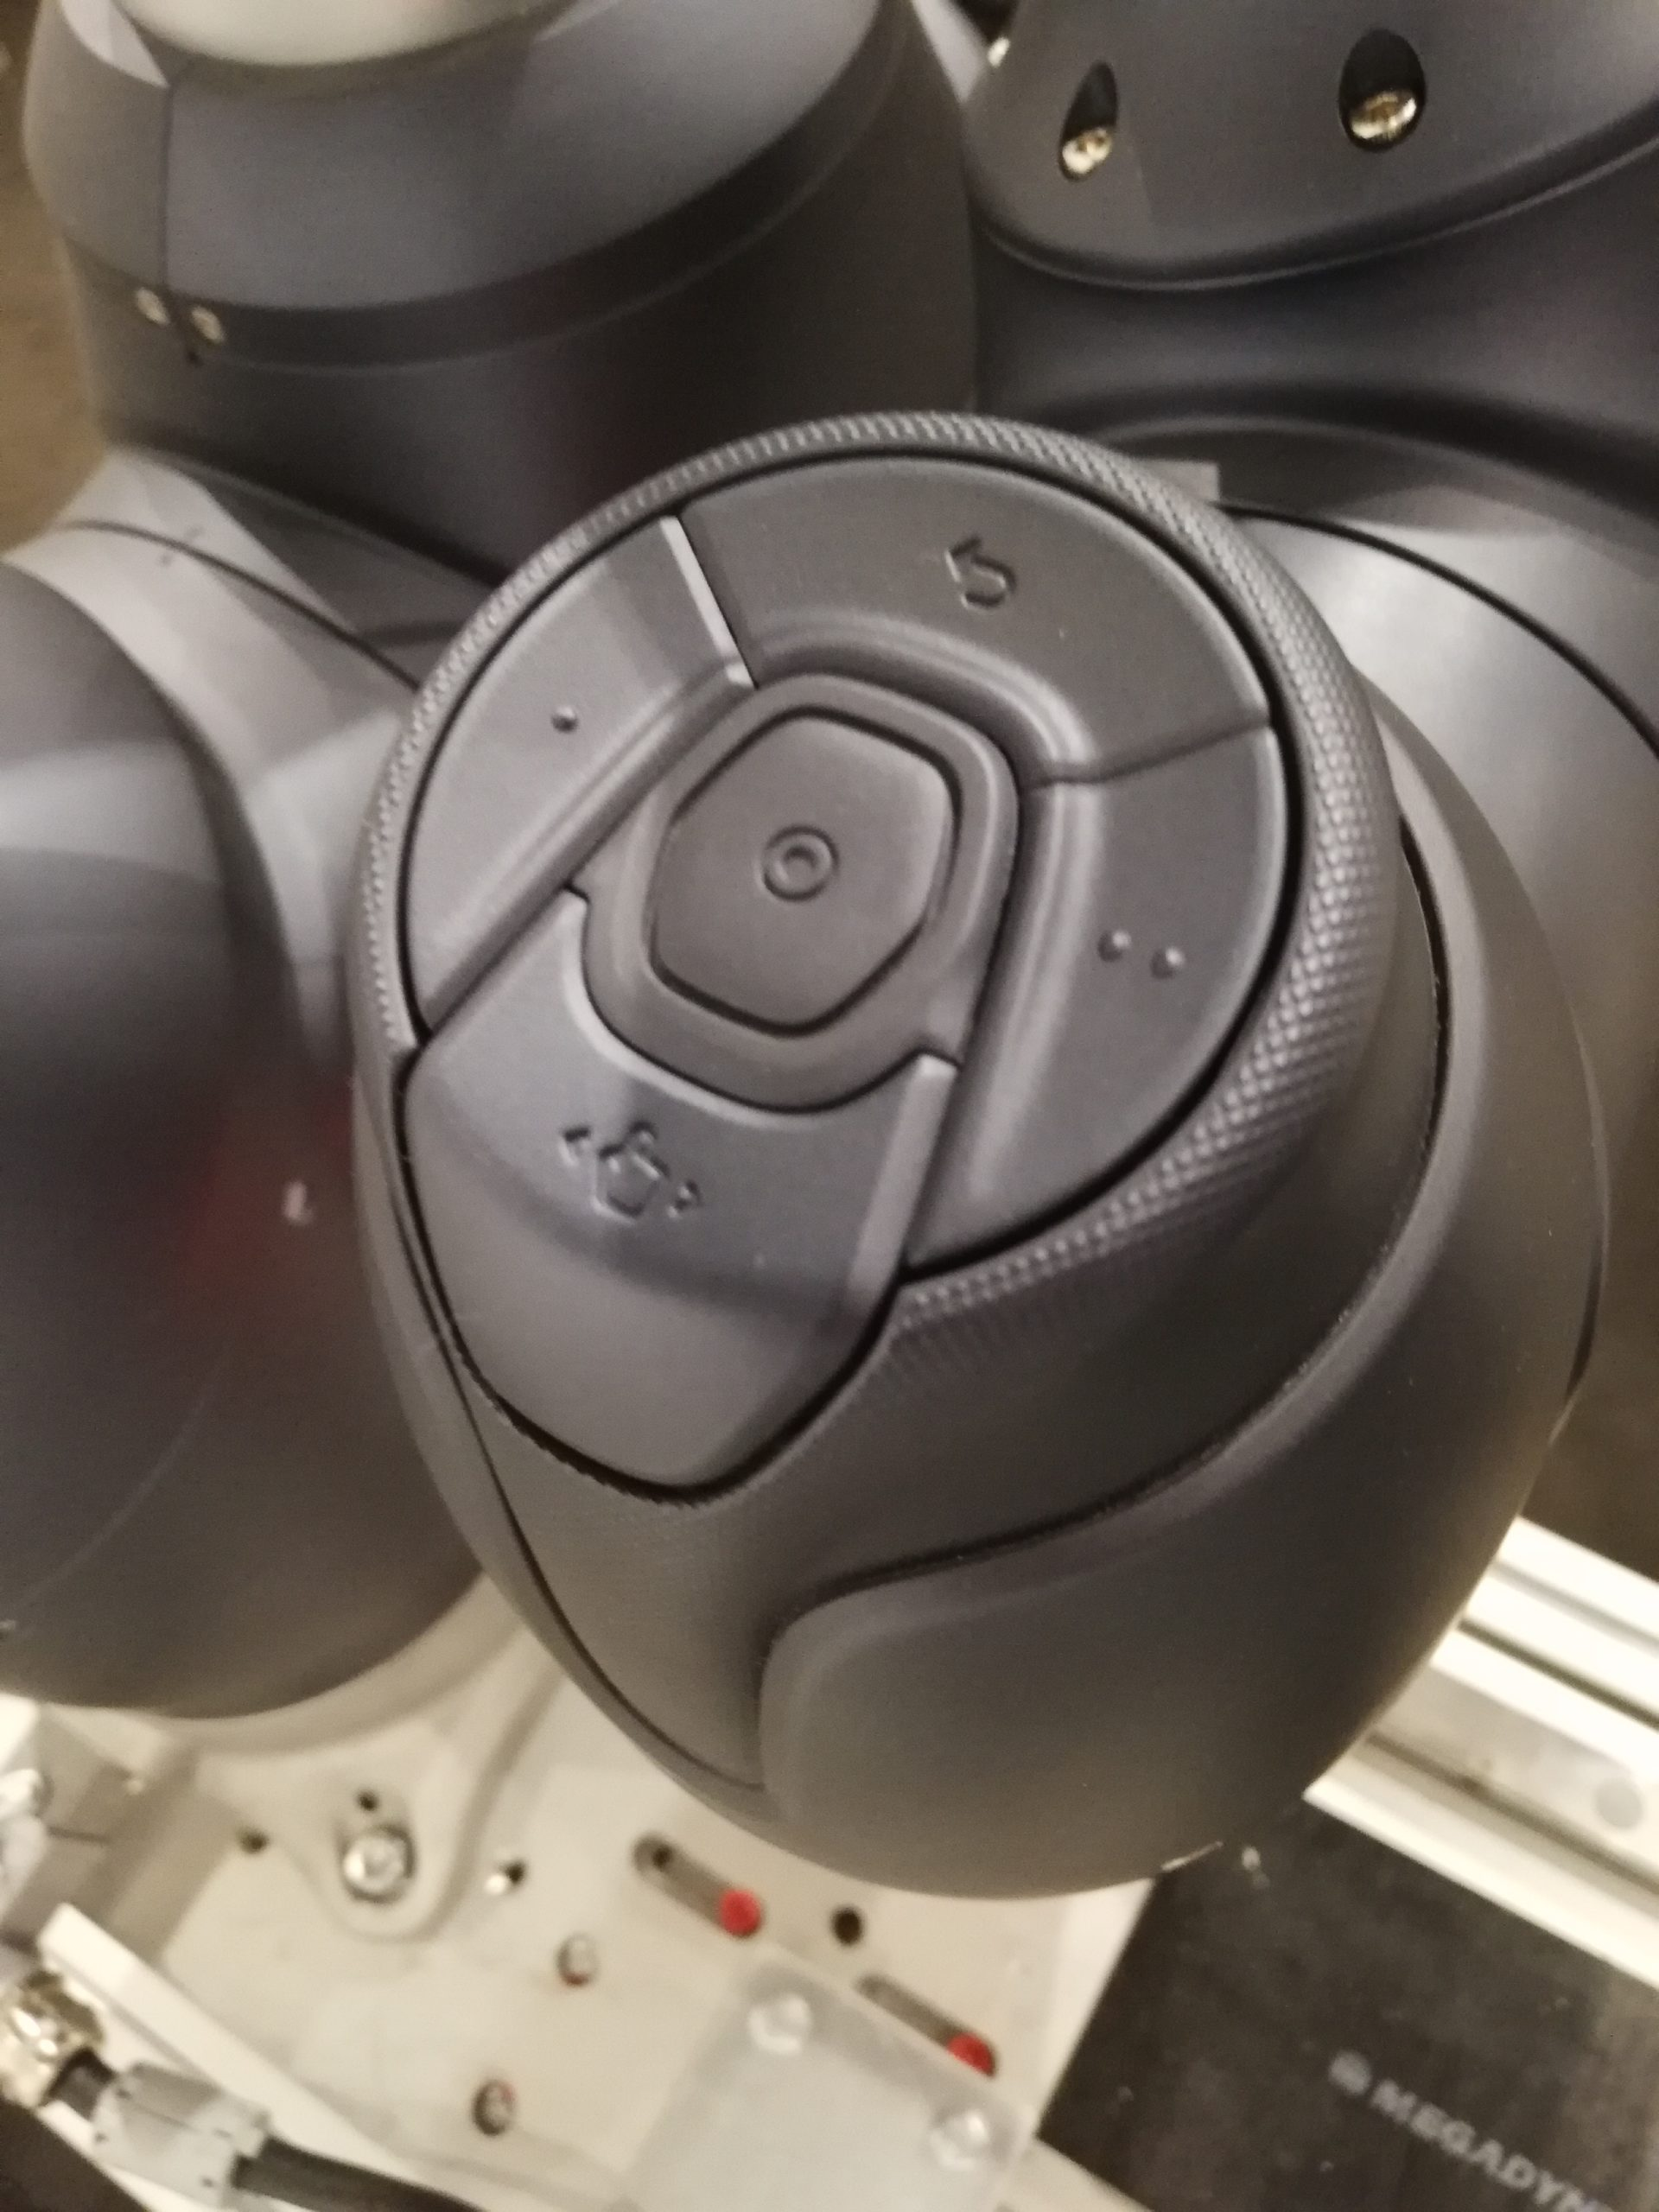 Cockpit Navy Nahaufnahme Freifahrknopf Wegpunkt-knopt Achsenverschiebung auf Knopfdruck individuell belegbar Rückgängig machen Doosan Deutschland vertrieb verkauf handel partner automation